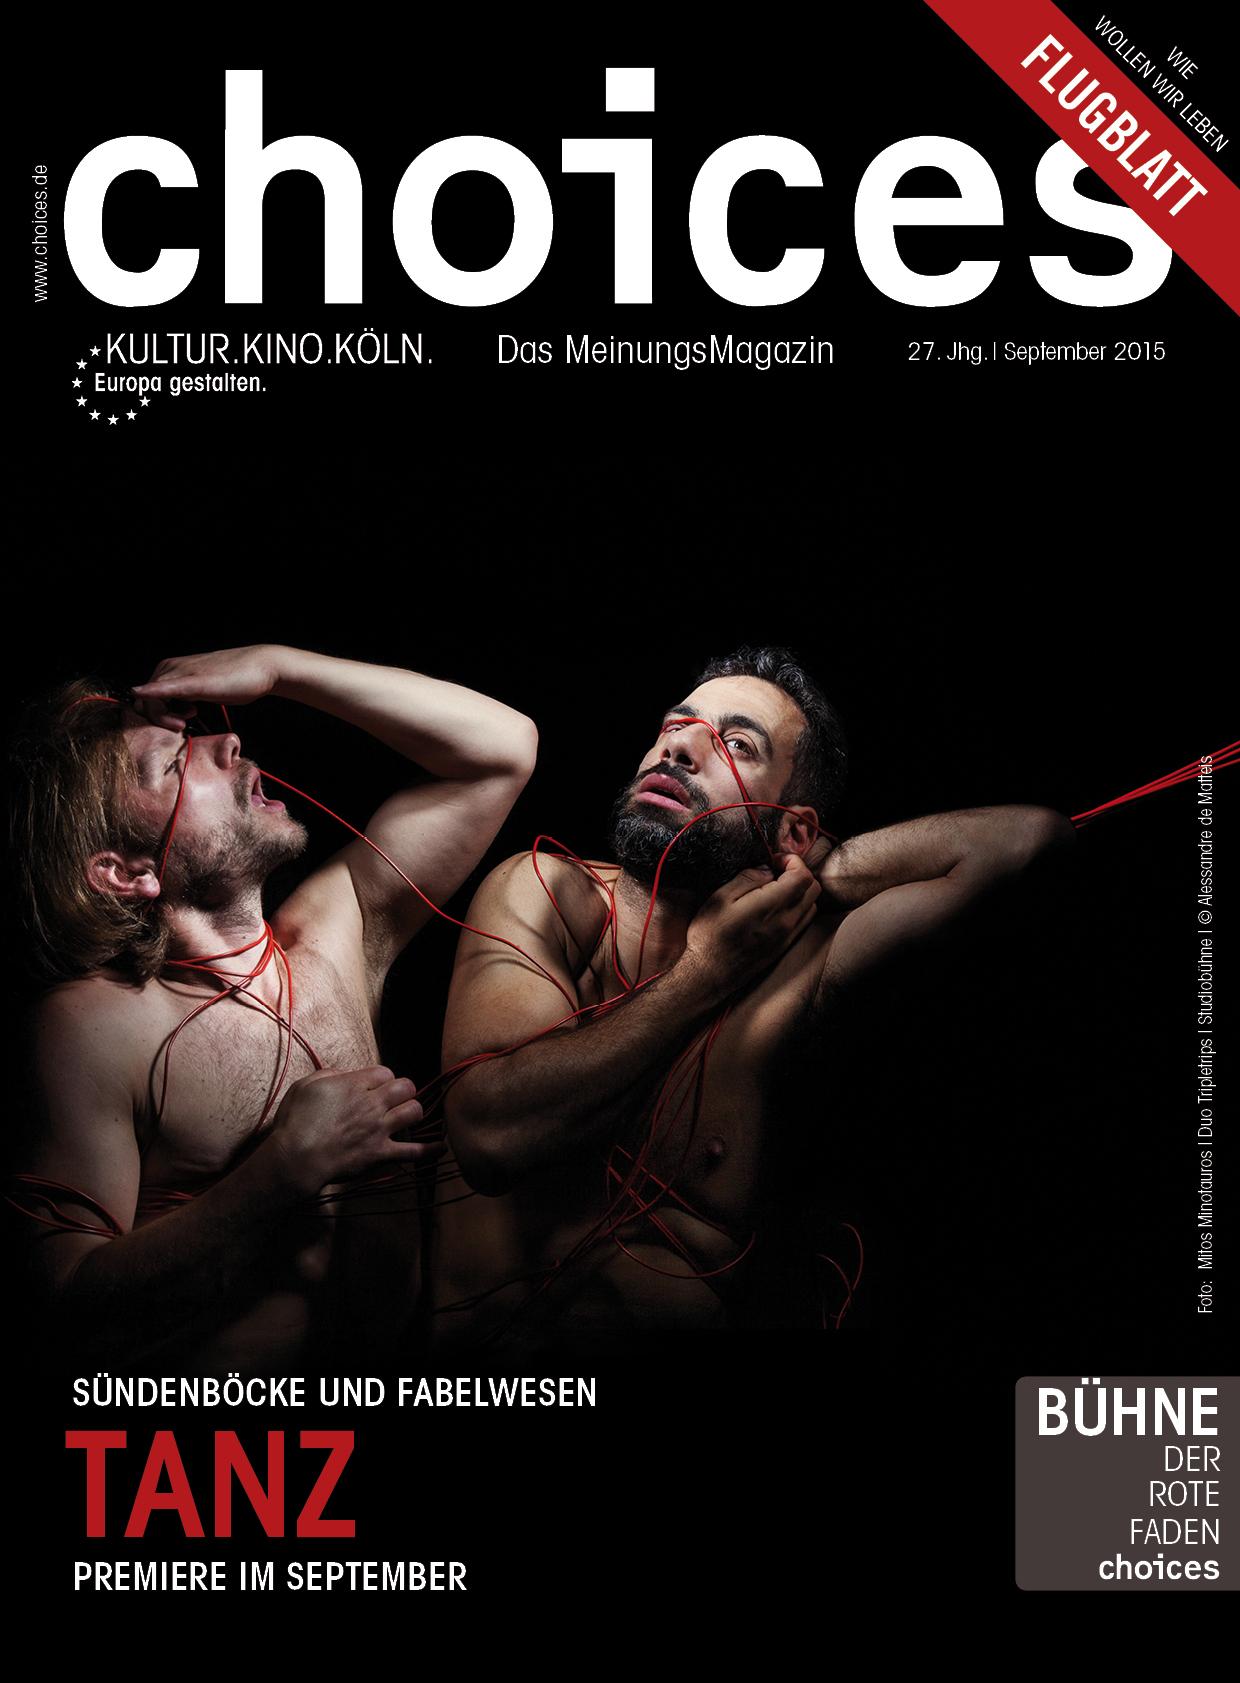 choices_0915_Flugblatt